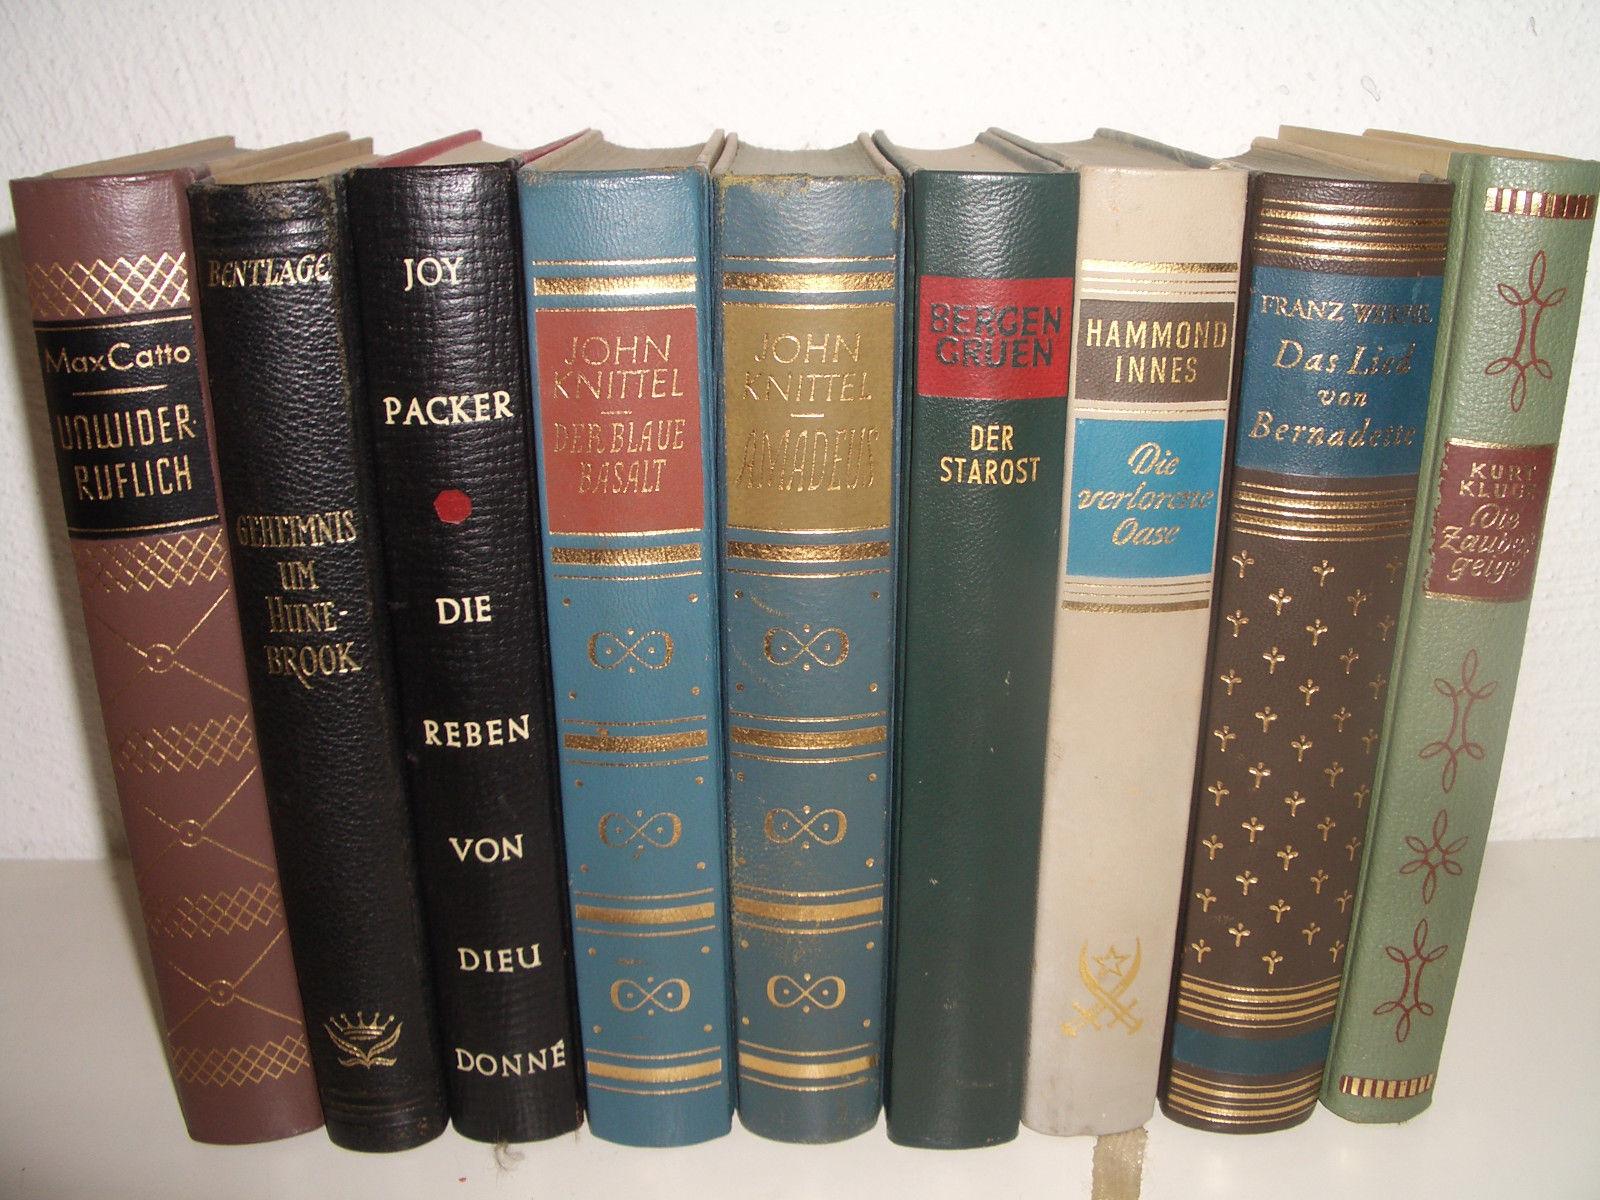 25 alte Bücher,Konvolut (50er/60er) Klassiker,Top-Autoren,sehr guter zustand